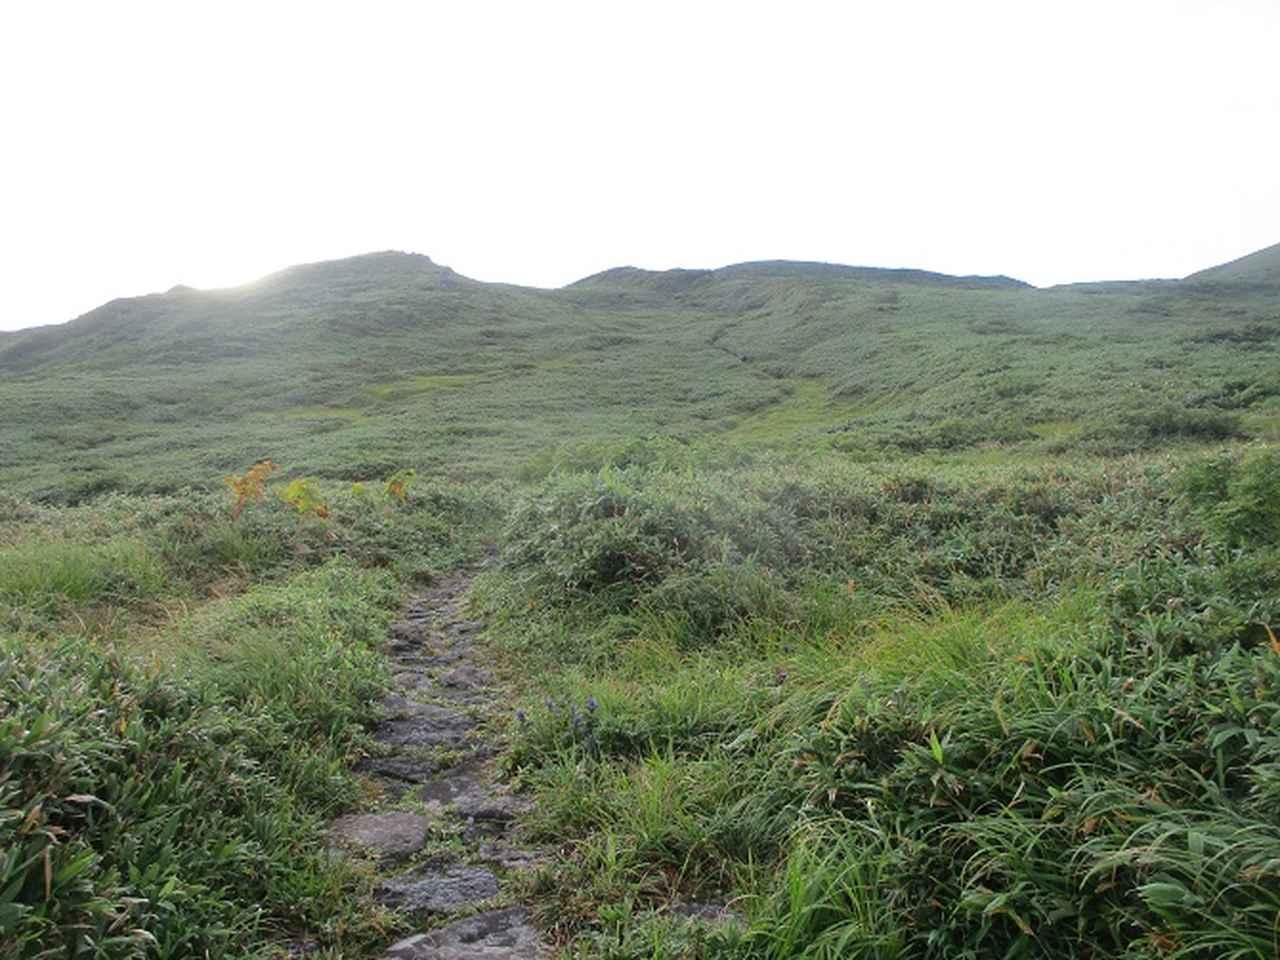 画像4: 来年夏の企画素材を探して鳥海山に行ってきました!